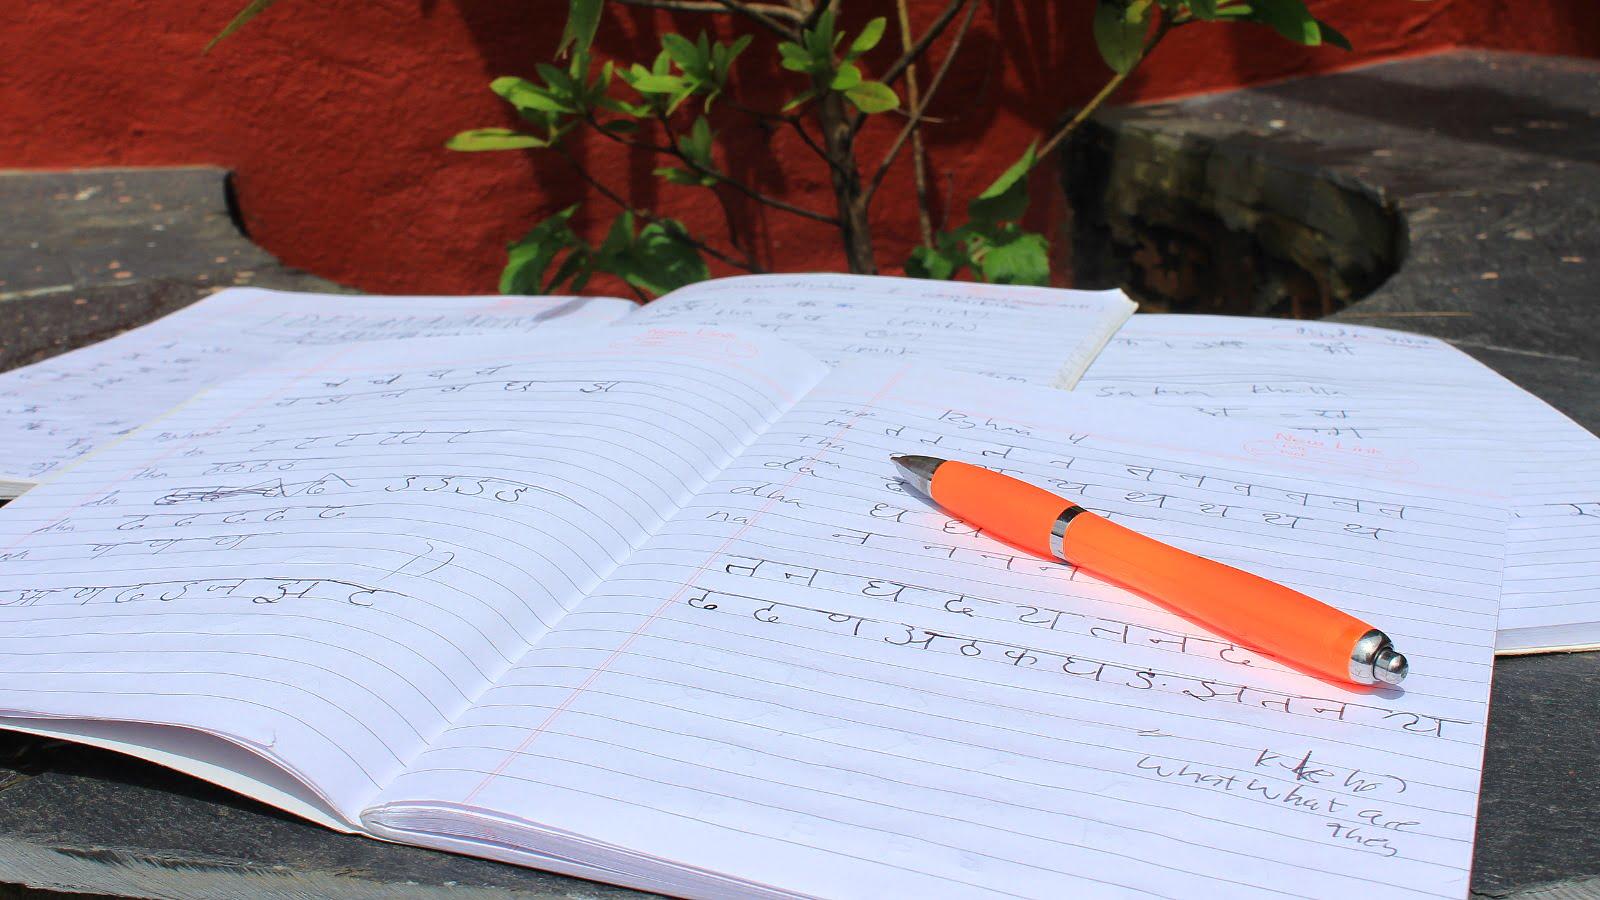 Writing the Nepali language basics. on a notebook.